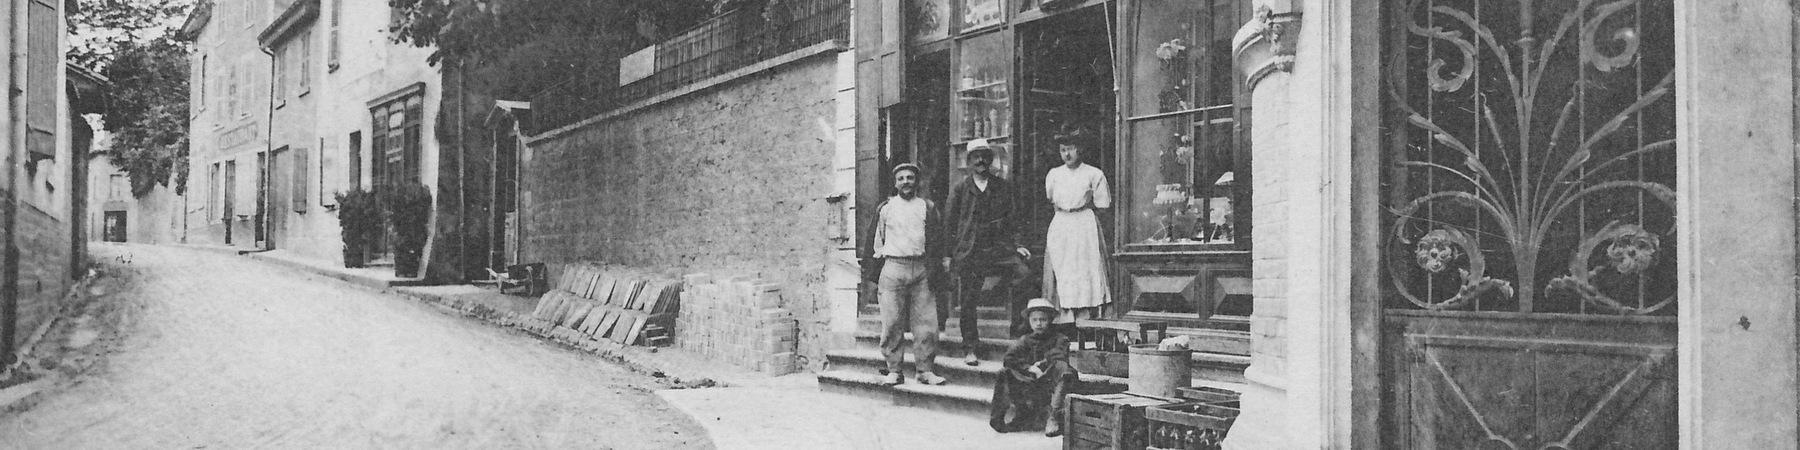 Présentation Historique Collonges - Trèves Pâques